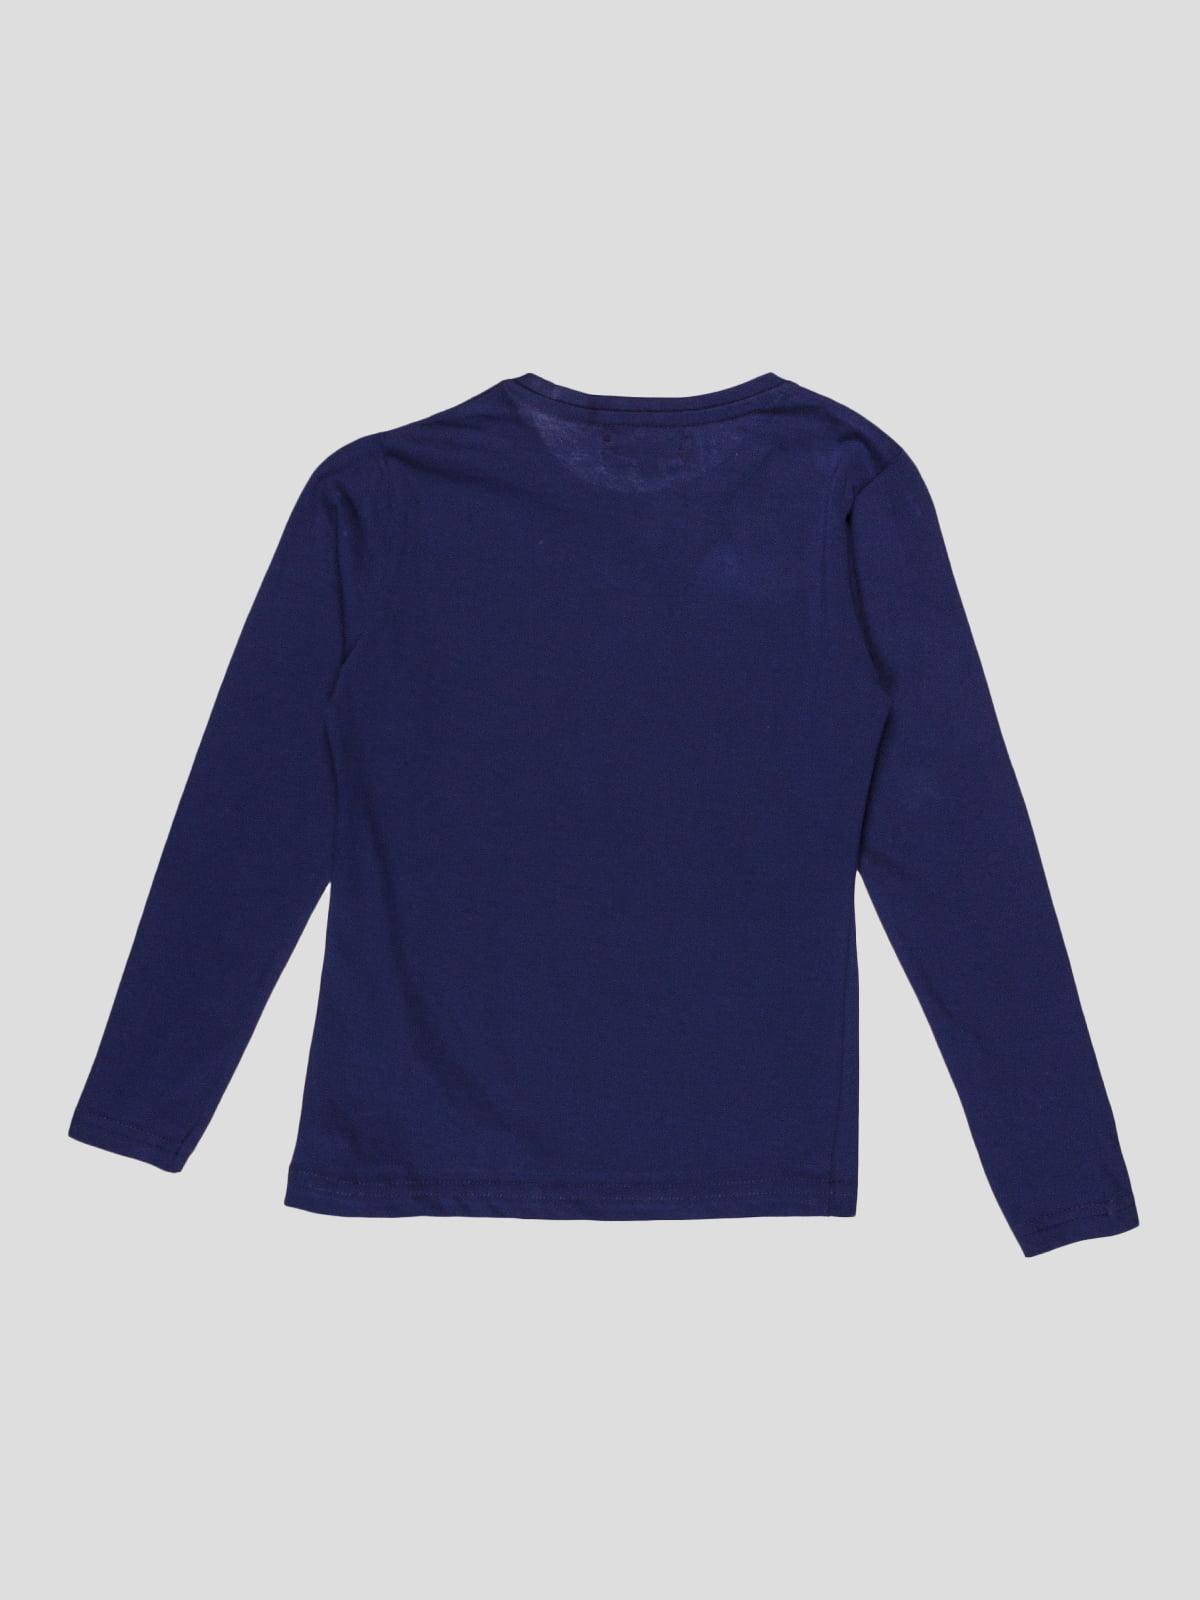 Лонгслів темно-синій з принтом | 5082219 | фото 2